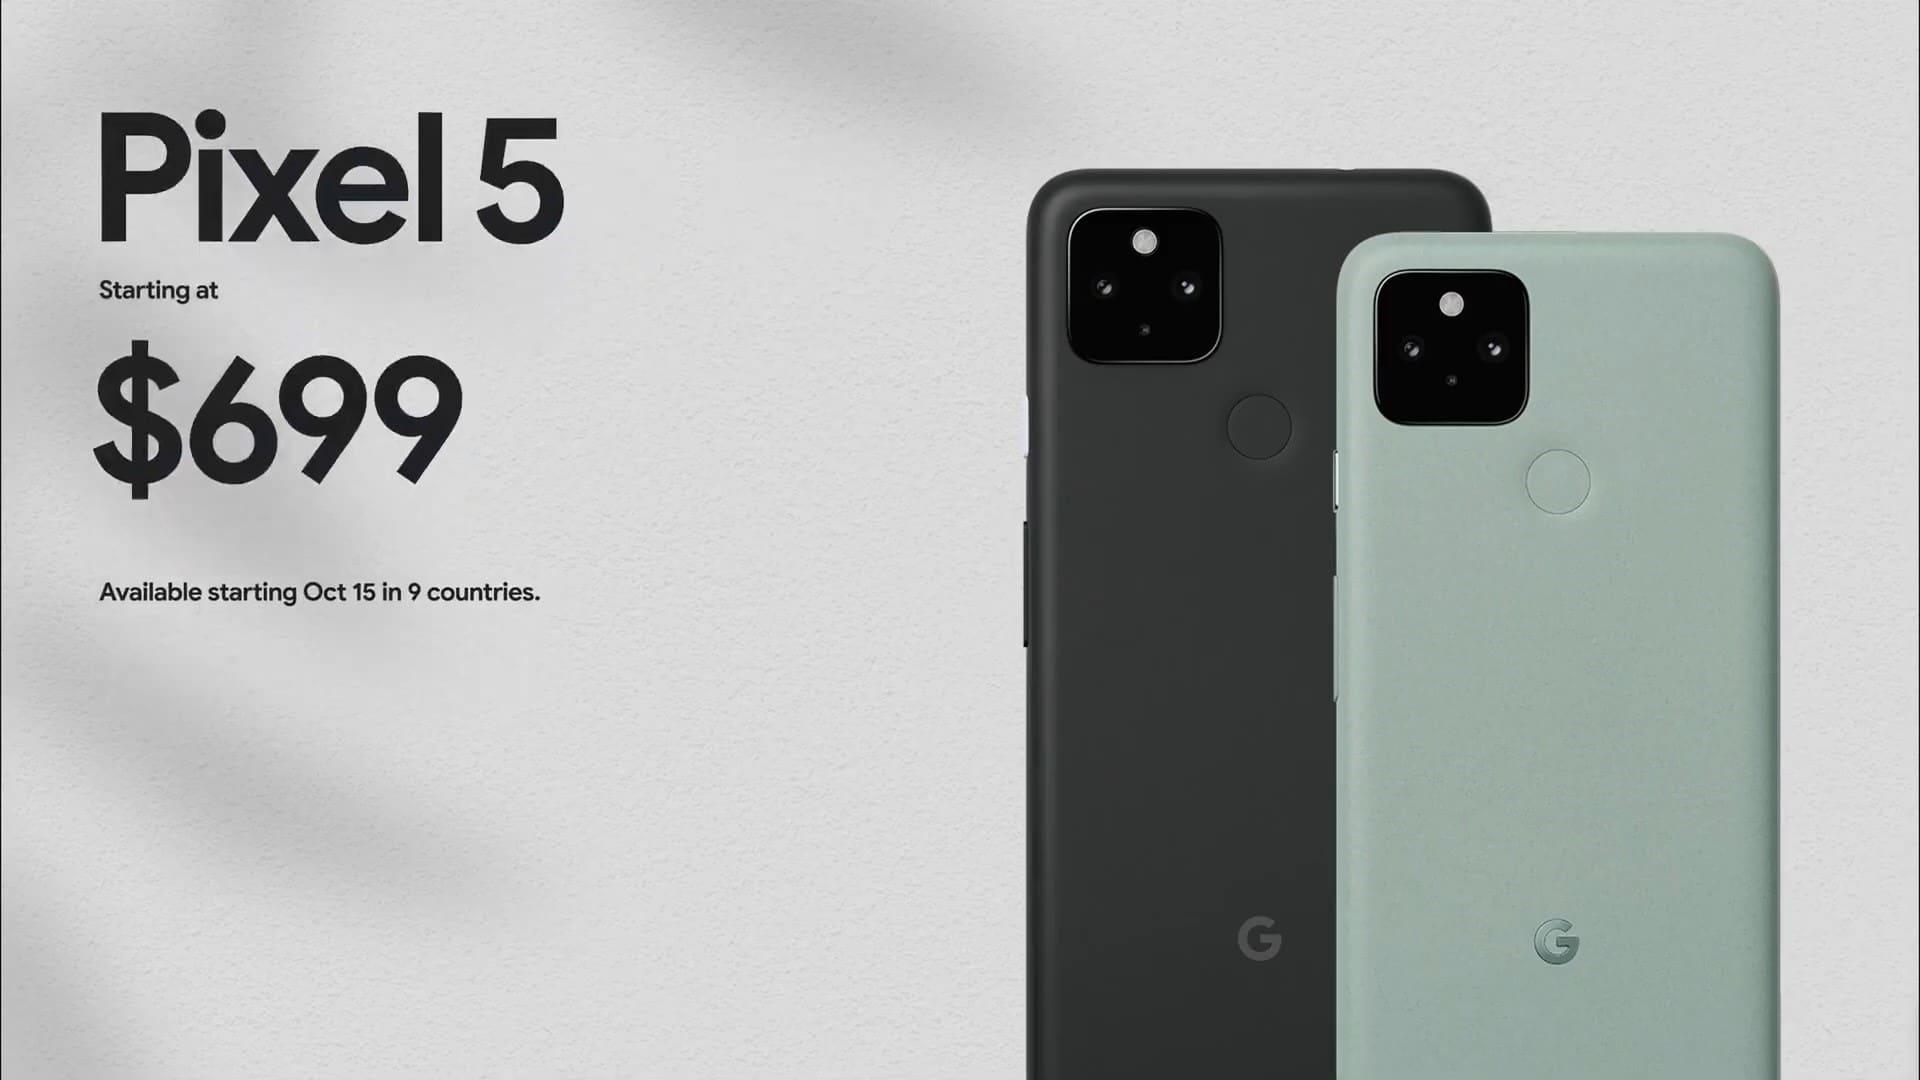 Google Pixel 5 5G ra mắt: Màn hình 6-inch 90Hz, có camera góc rộng, Snapdragon 765G và pin lớn 4080mAh